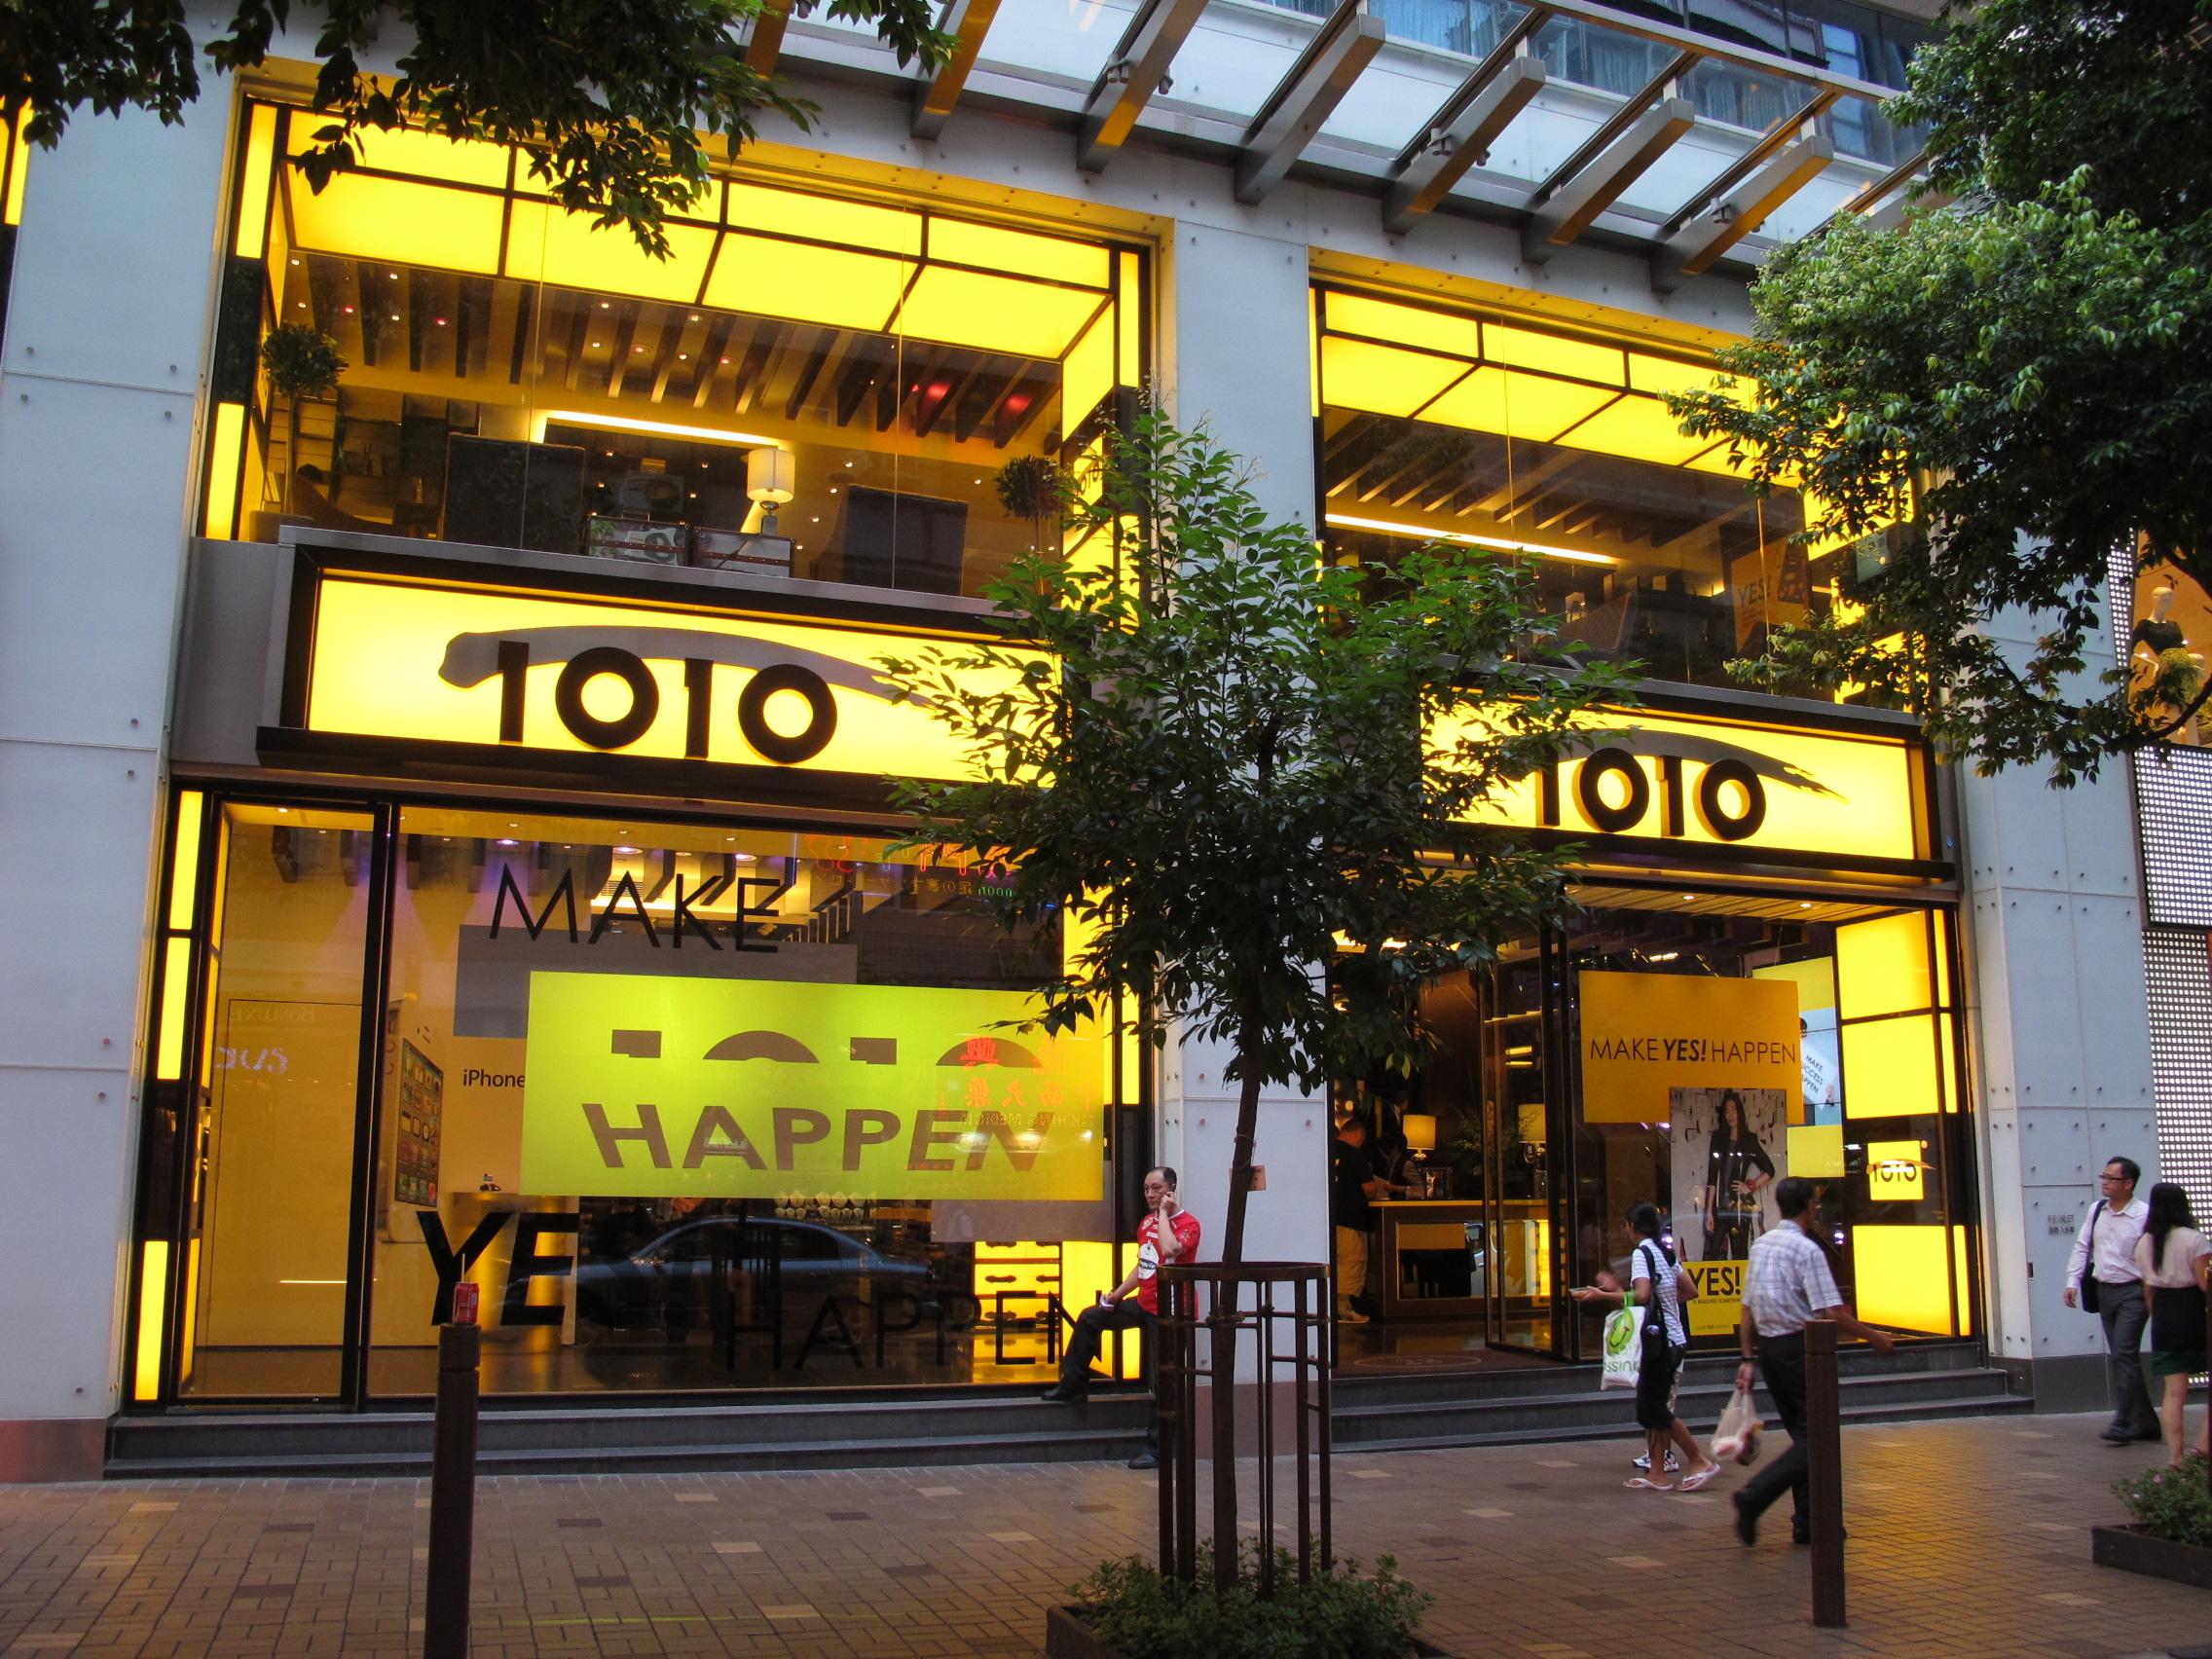 File:1010 Store in Tsim Sha Tsui 2012.jpg